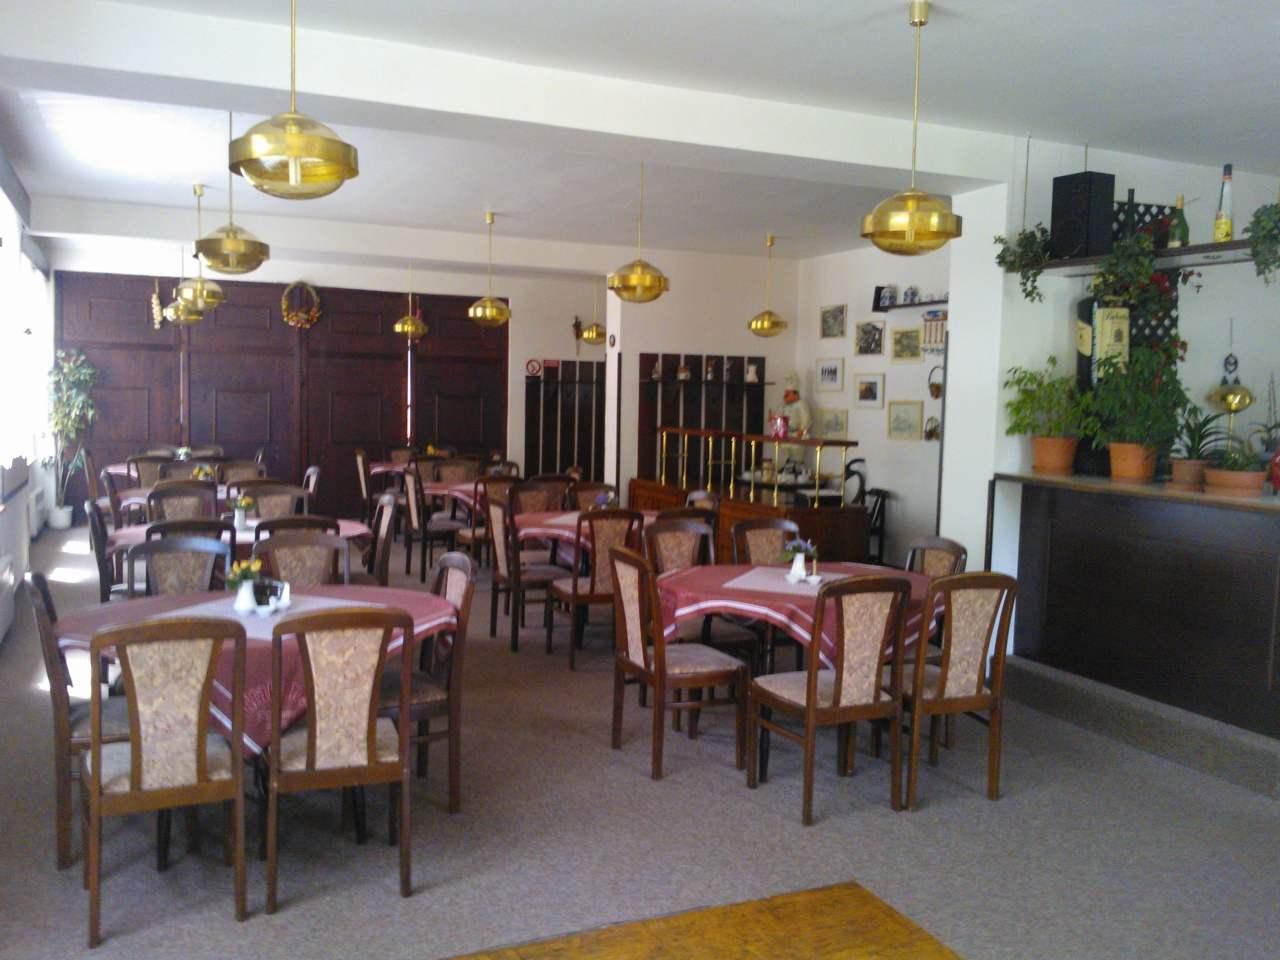 restaurace Hela hotel